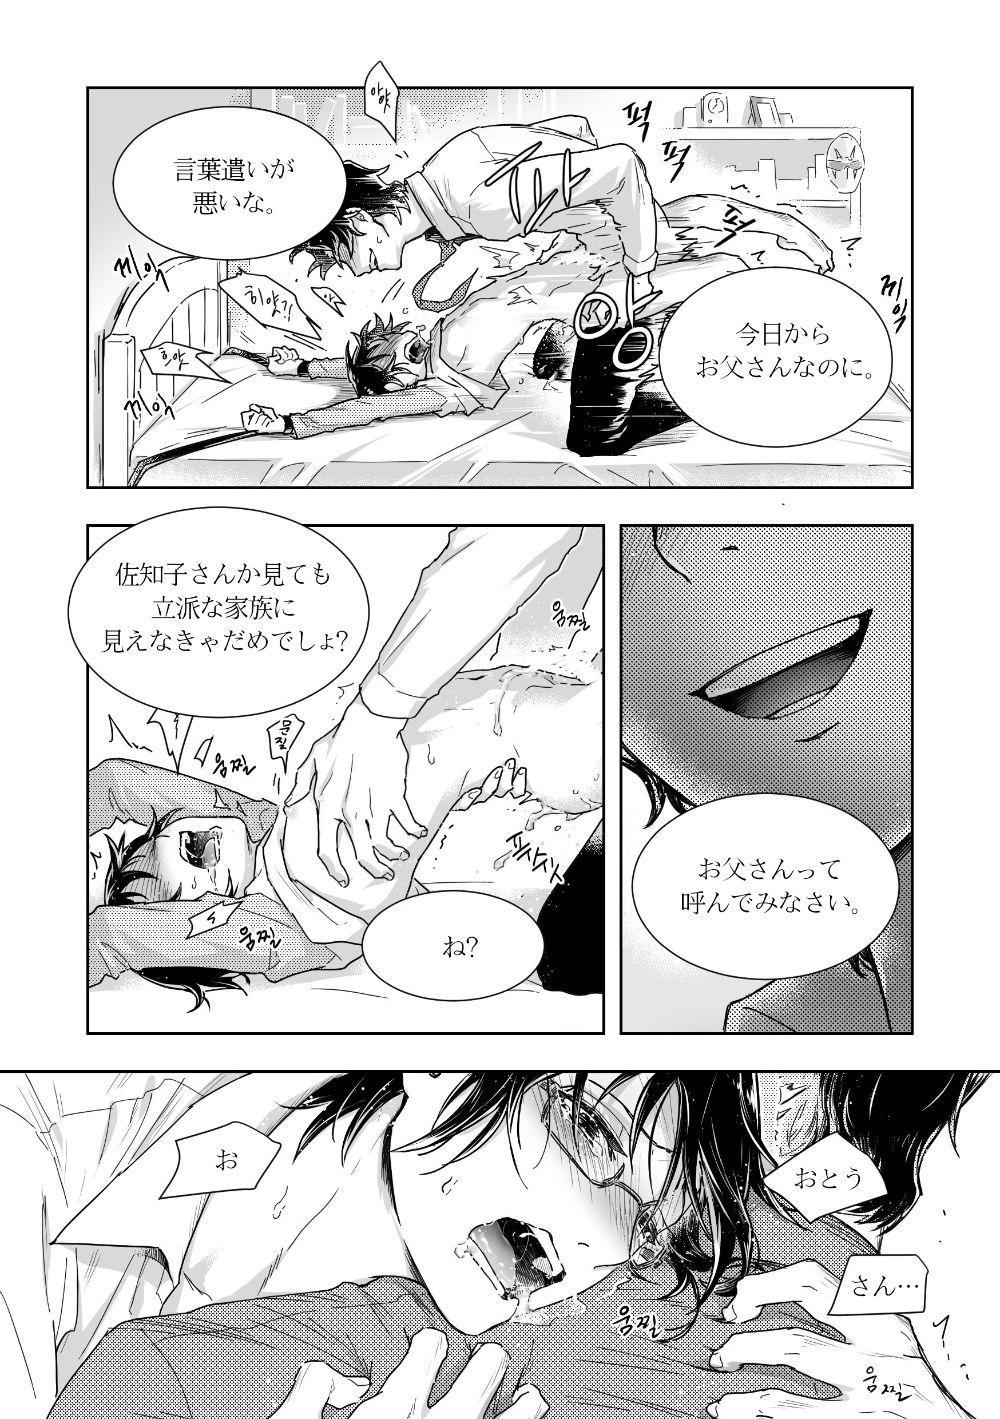 YashiSato Manga 20